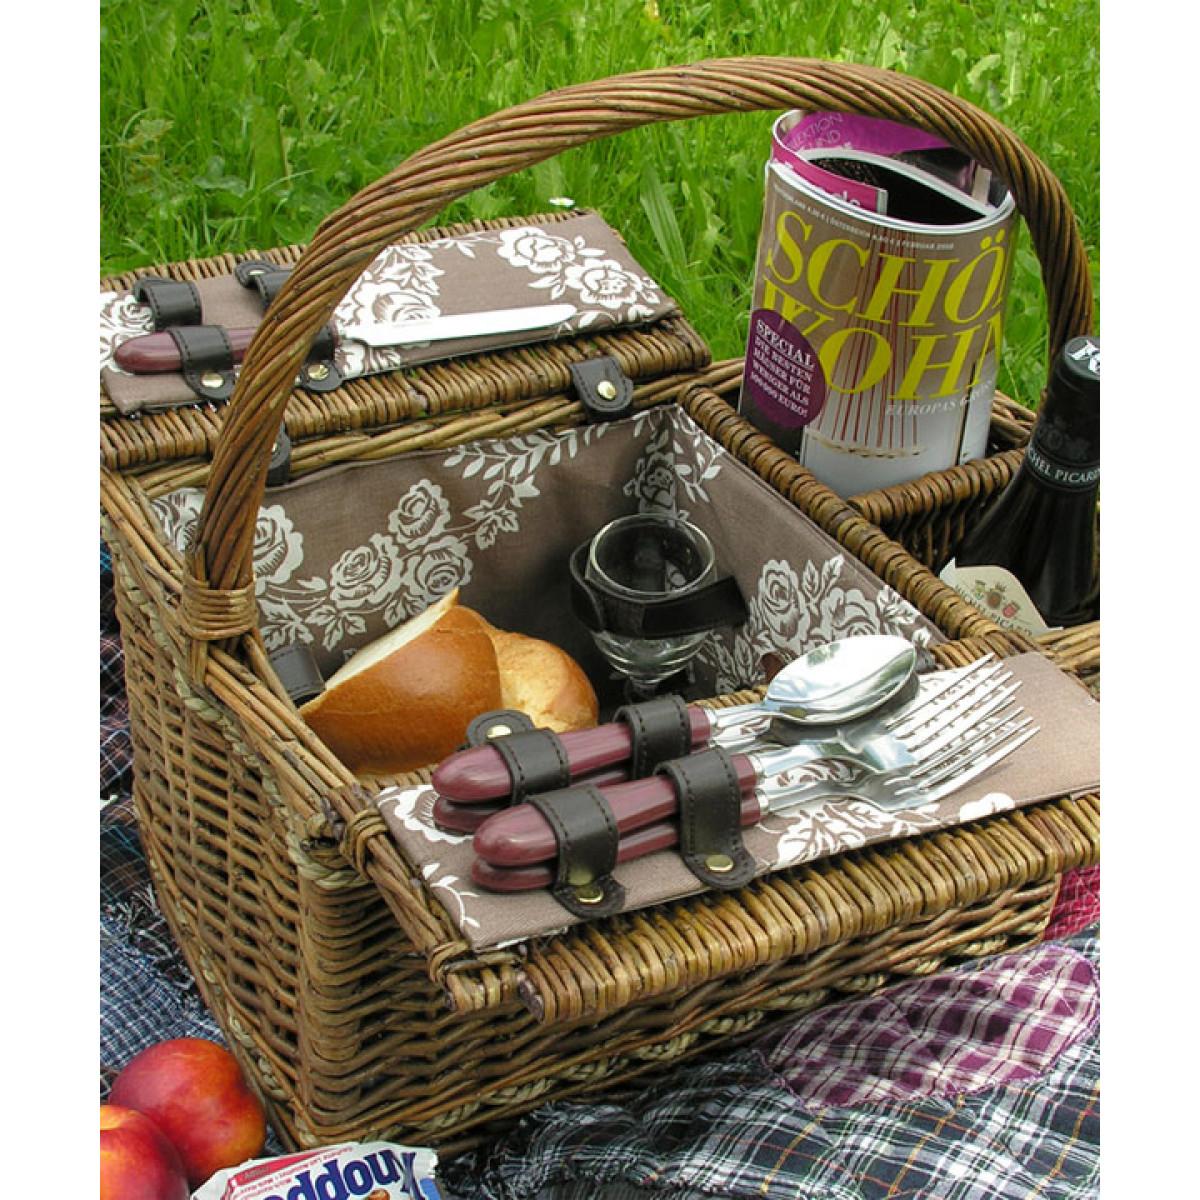 cosuri picnic pret